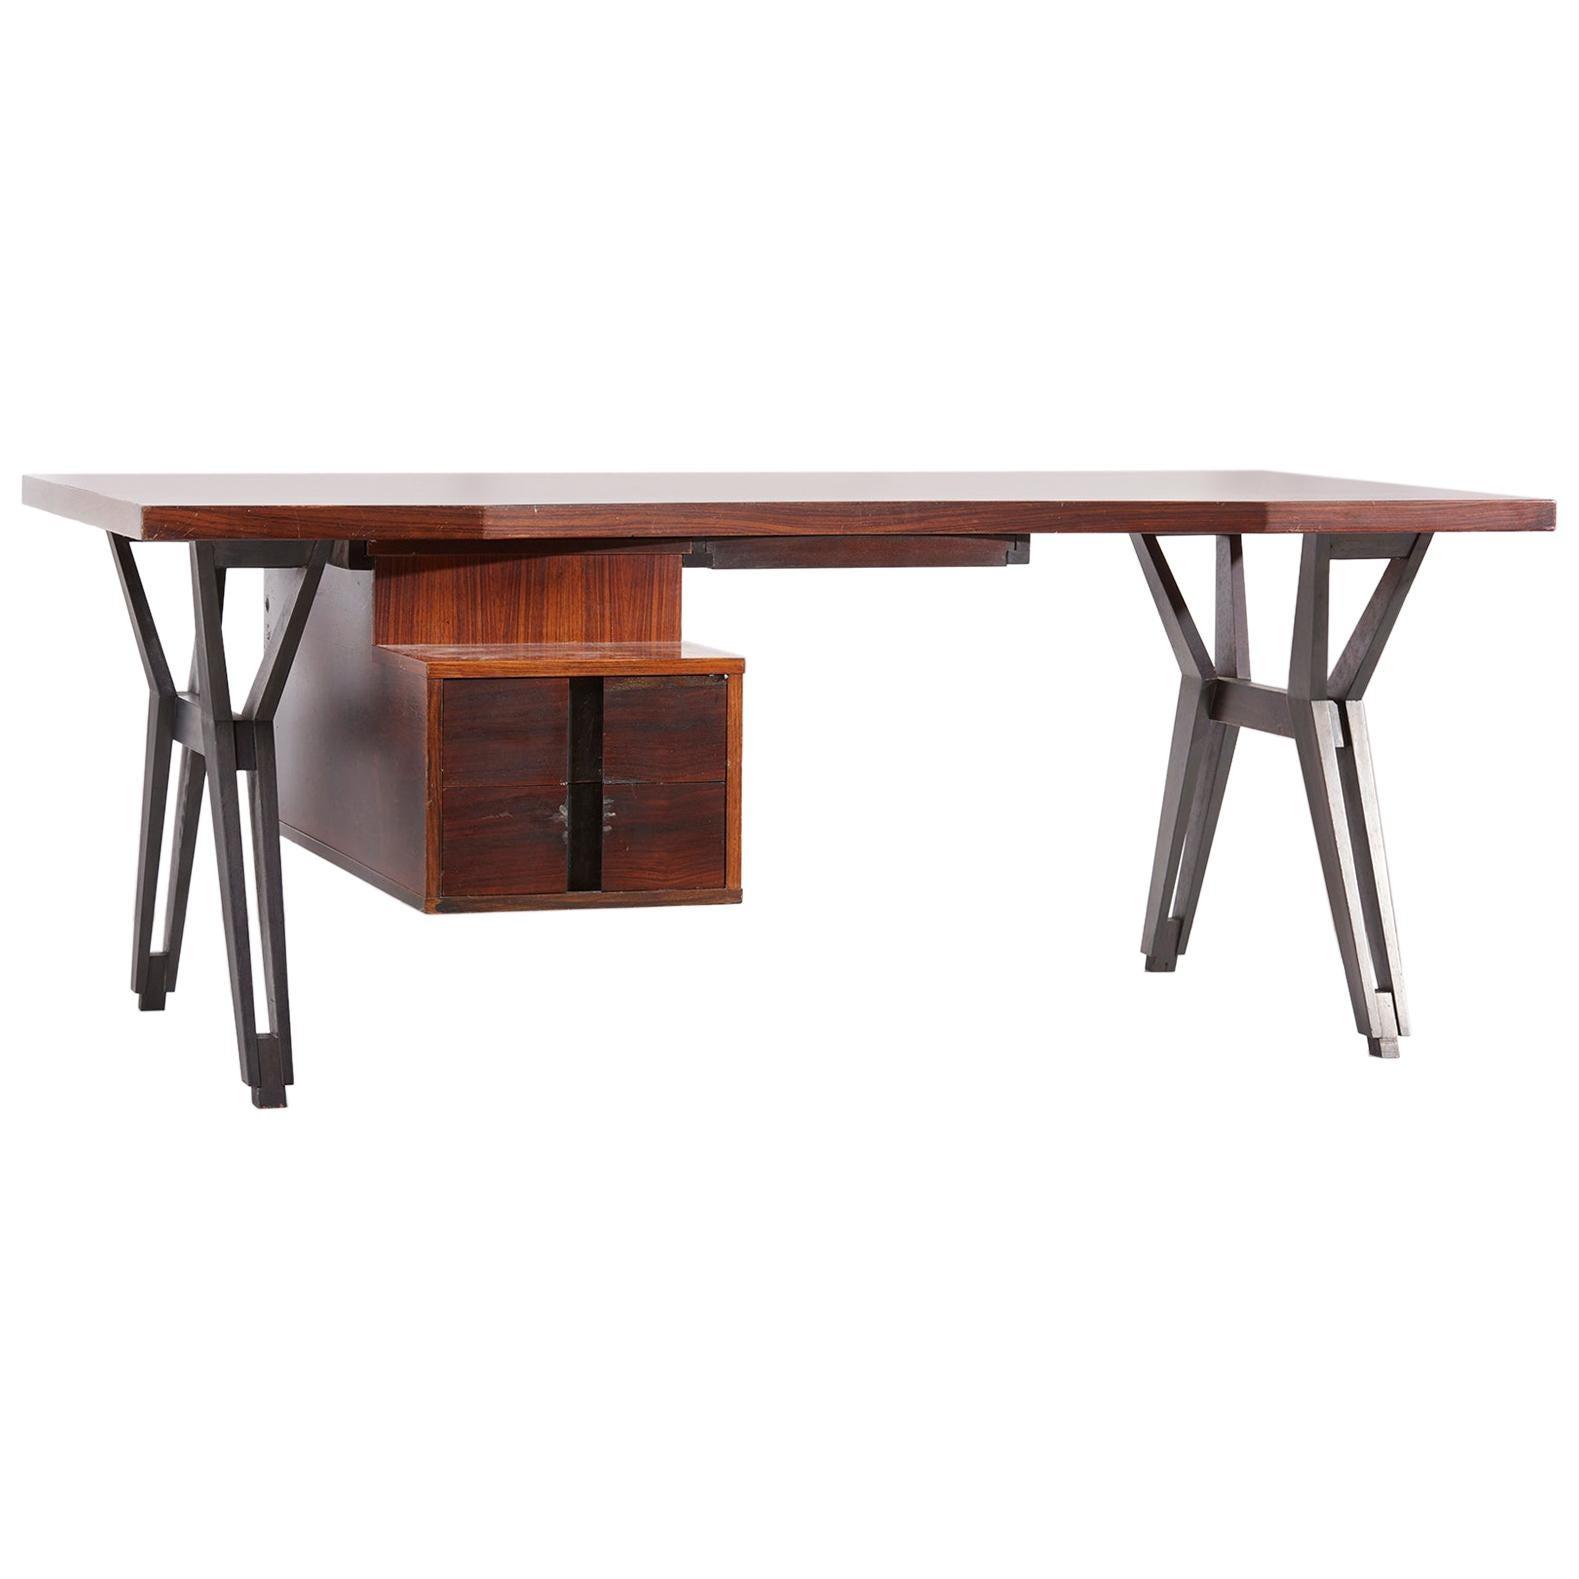 Ico Parisi Mahogany Executive Office Desk by MIM Italy, 1950s